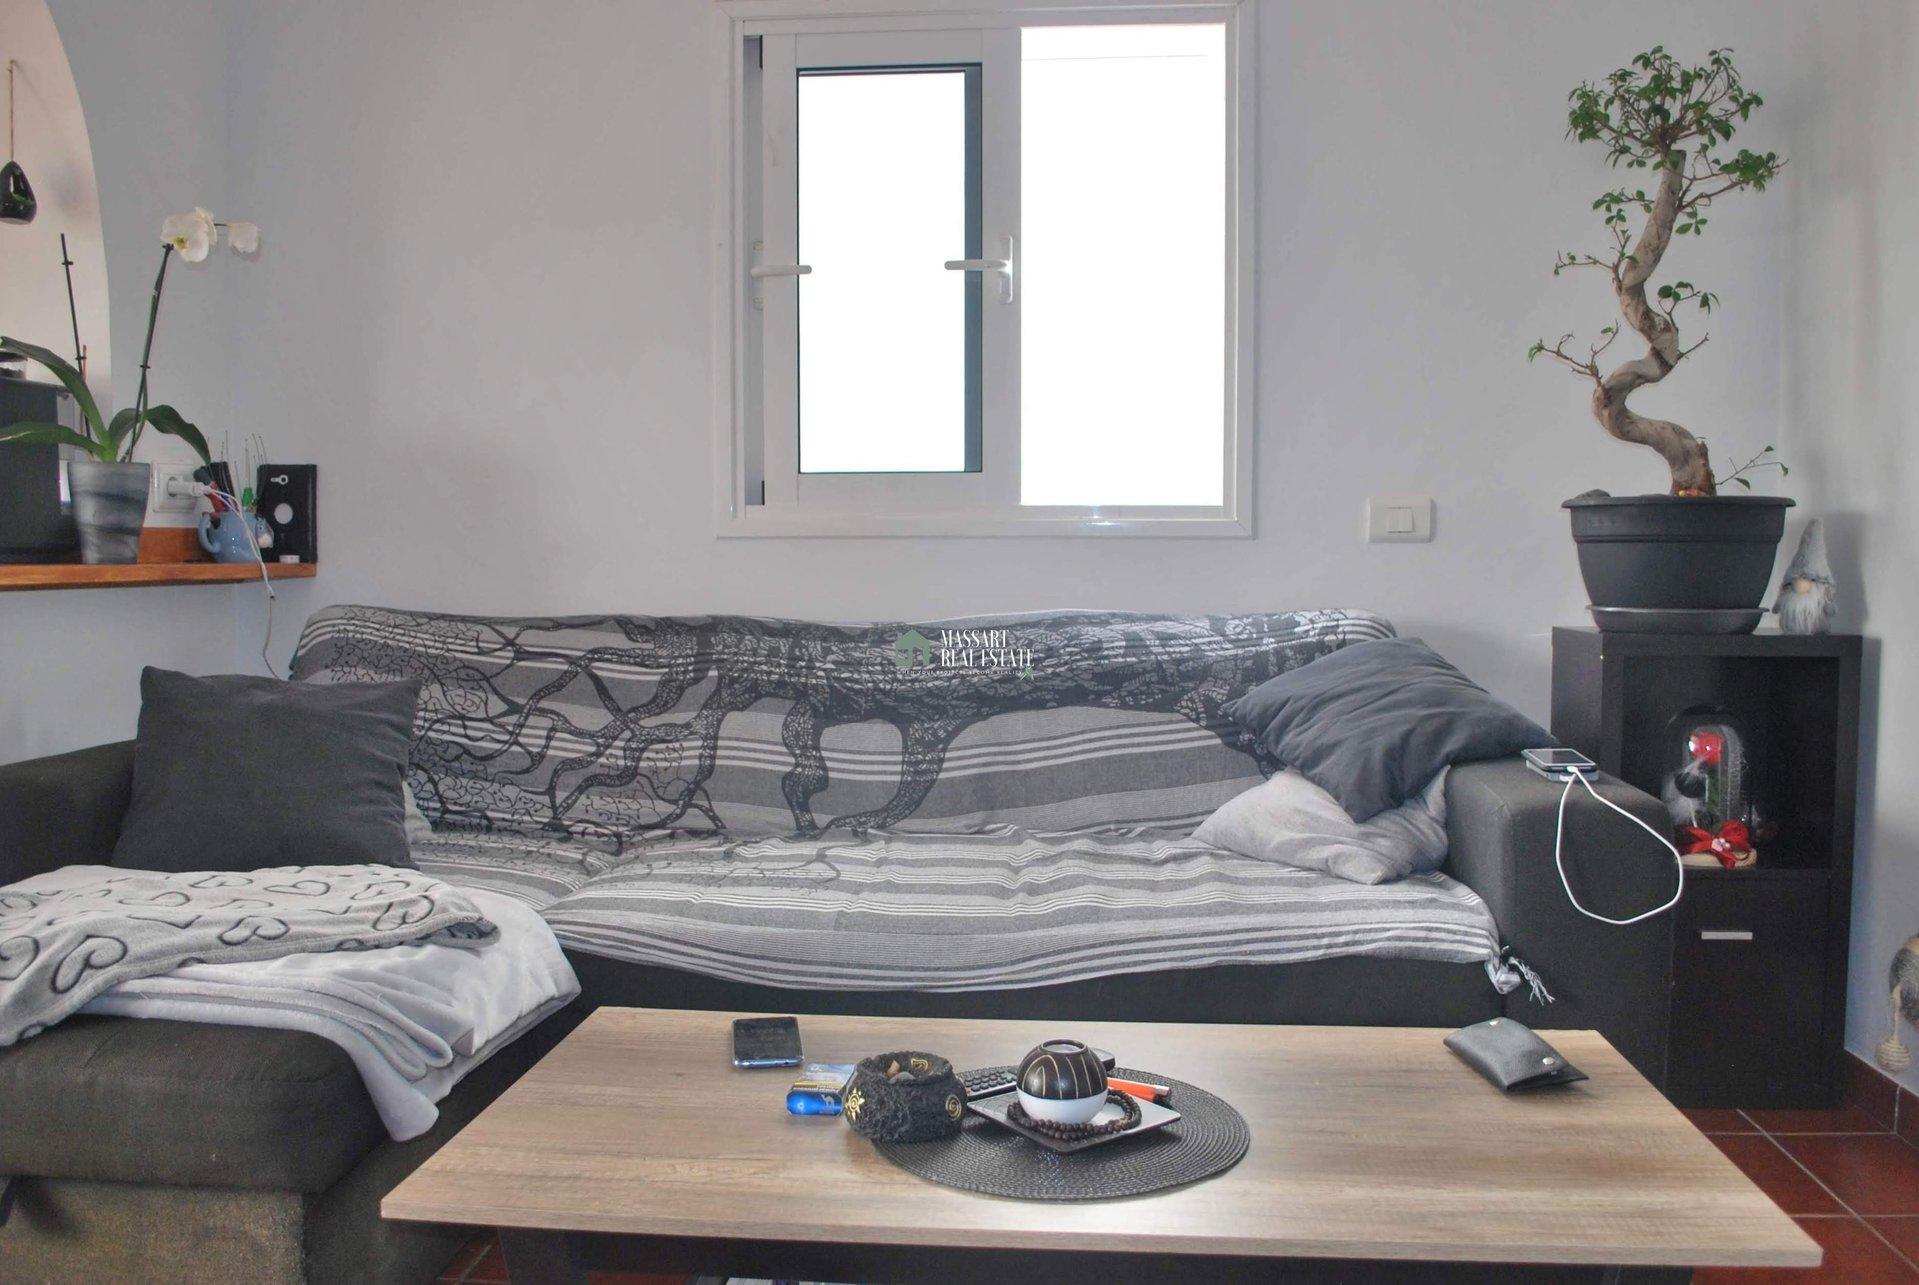 En venta en primera línea de mar, en el complejo residencial Aguaviva (Callao Salvaje), apartamento completamente amueblado de 52 m2